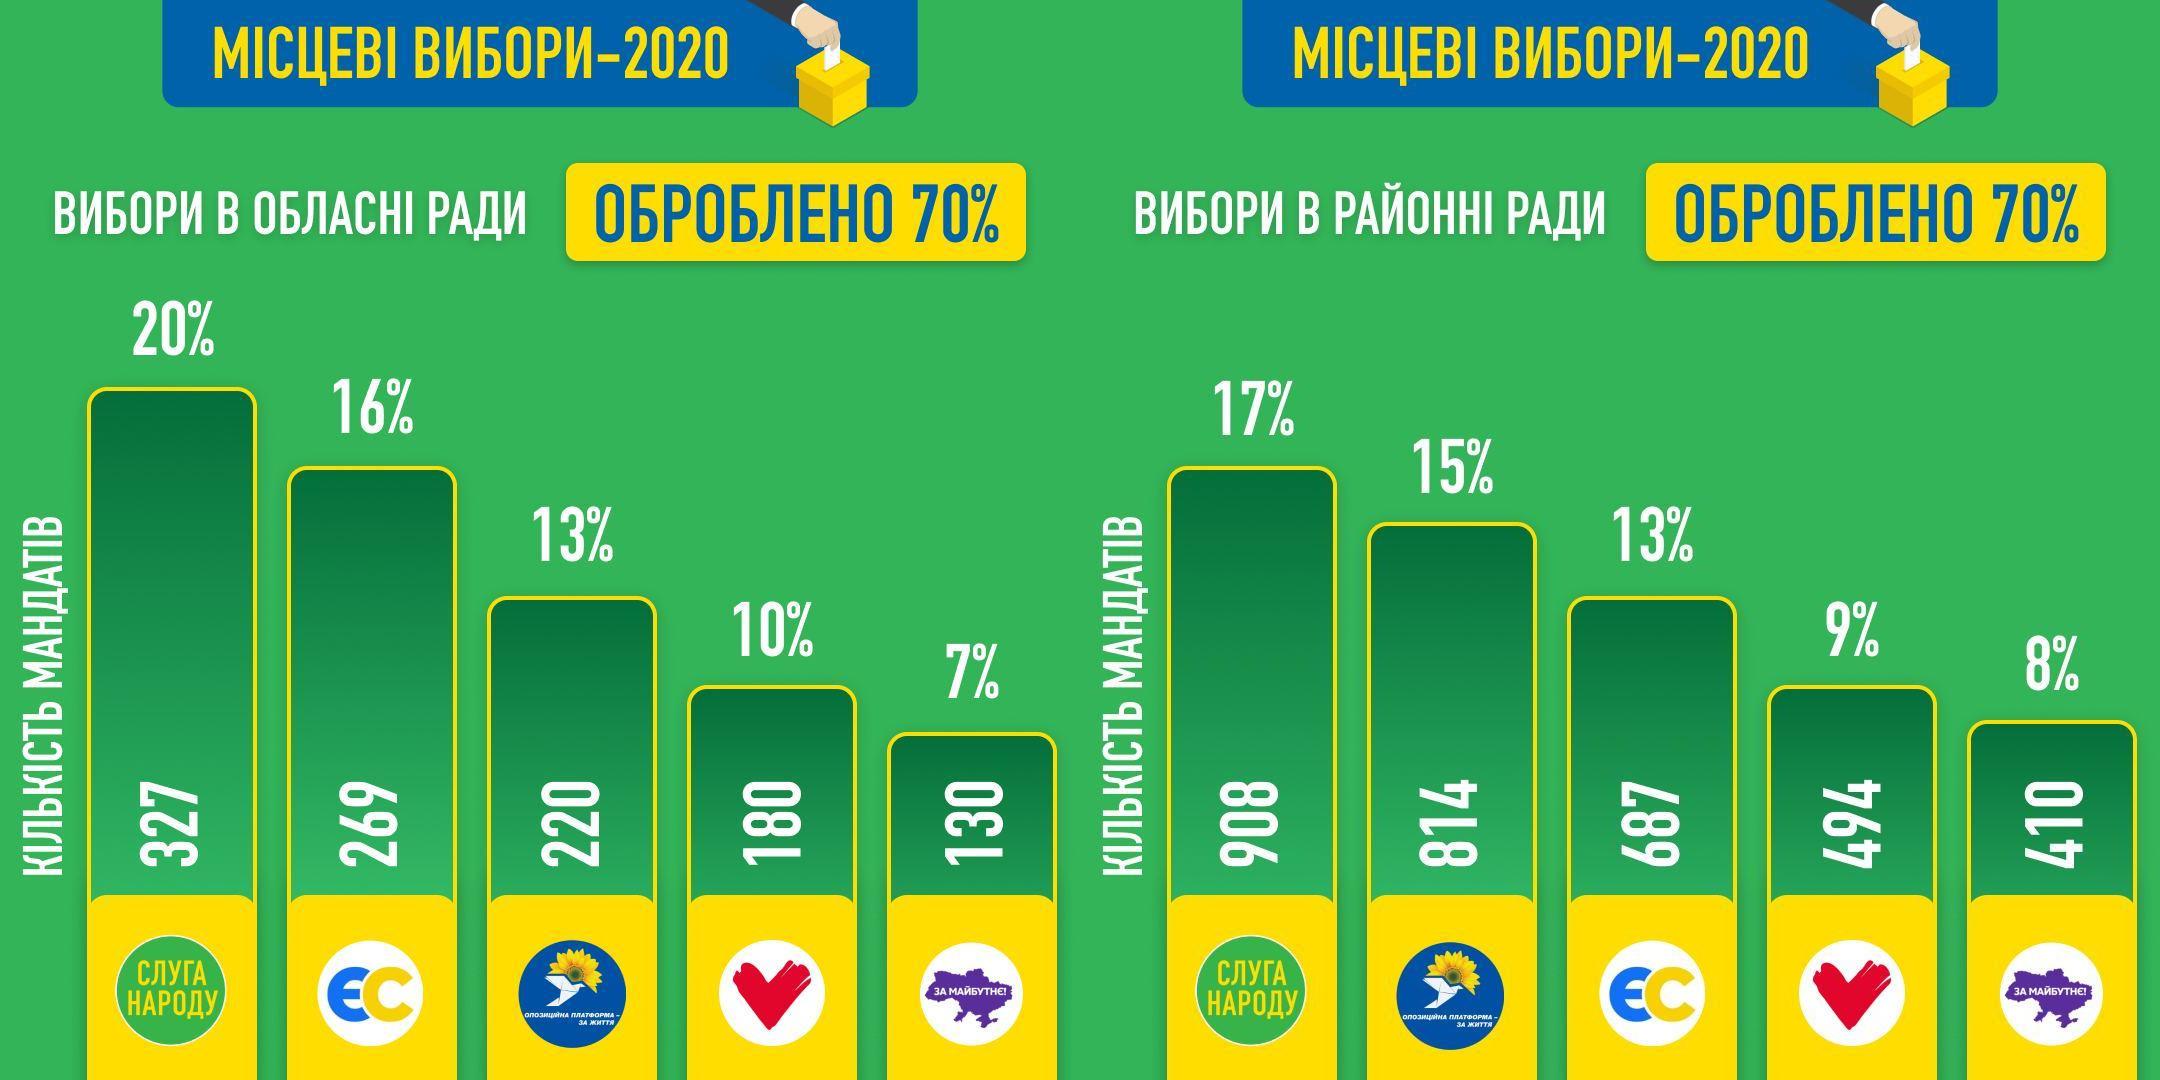 Месть и разочарование. Почему Зеленский проиграл местные выборы. Или не проиграл?